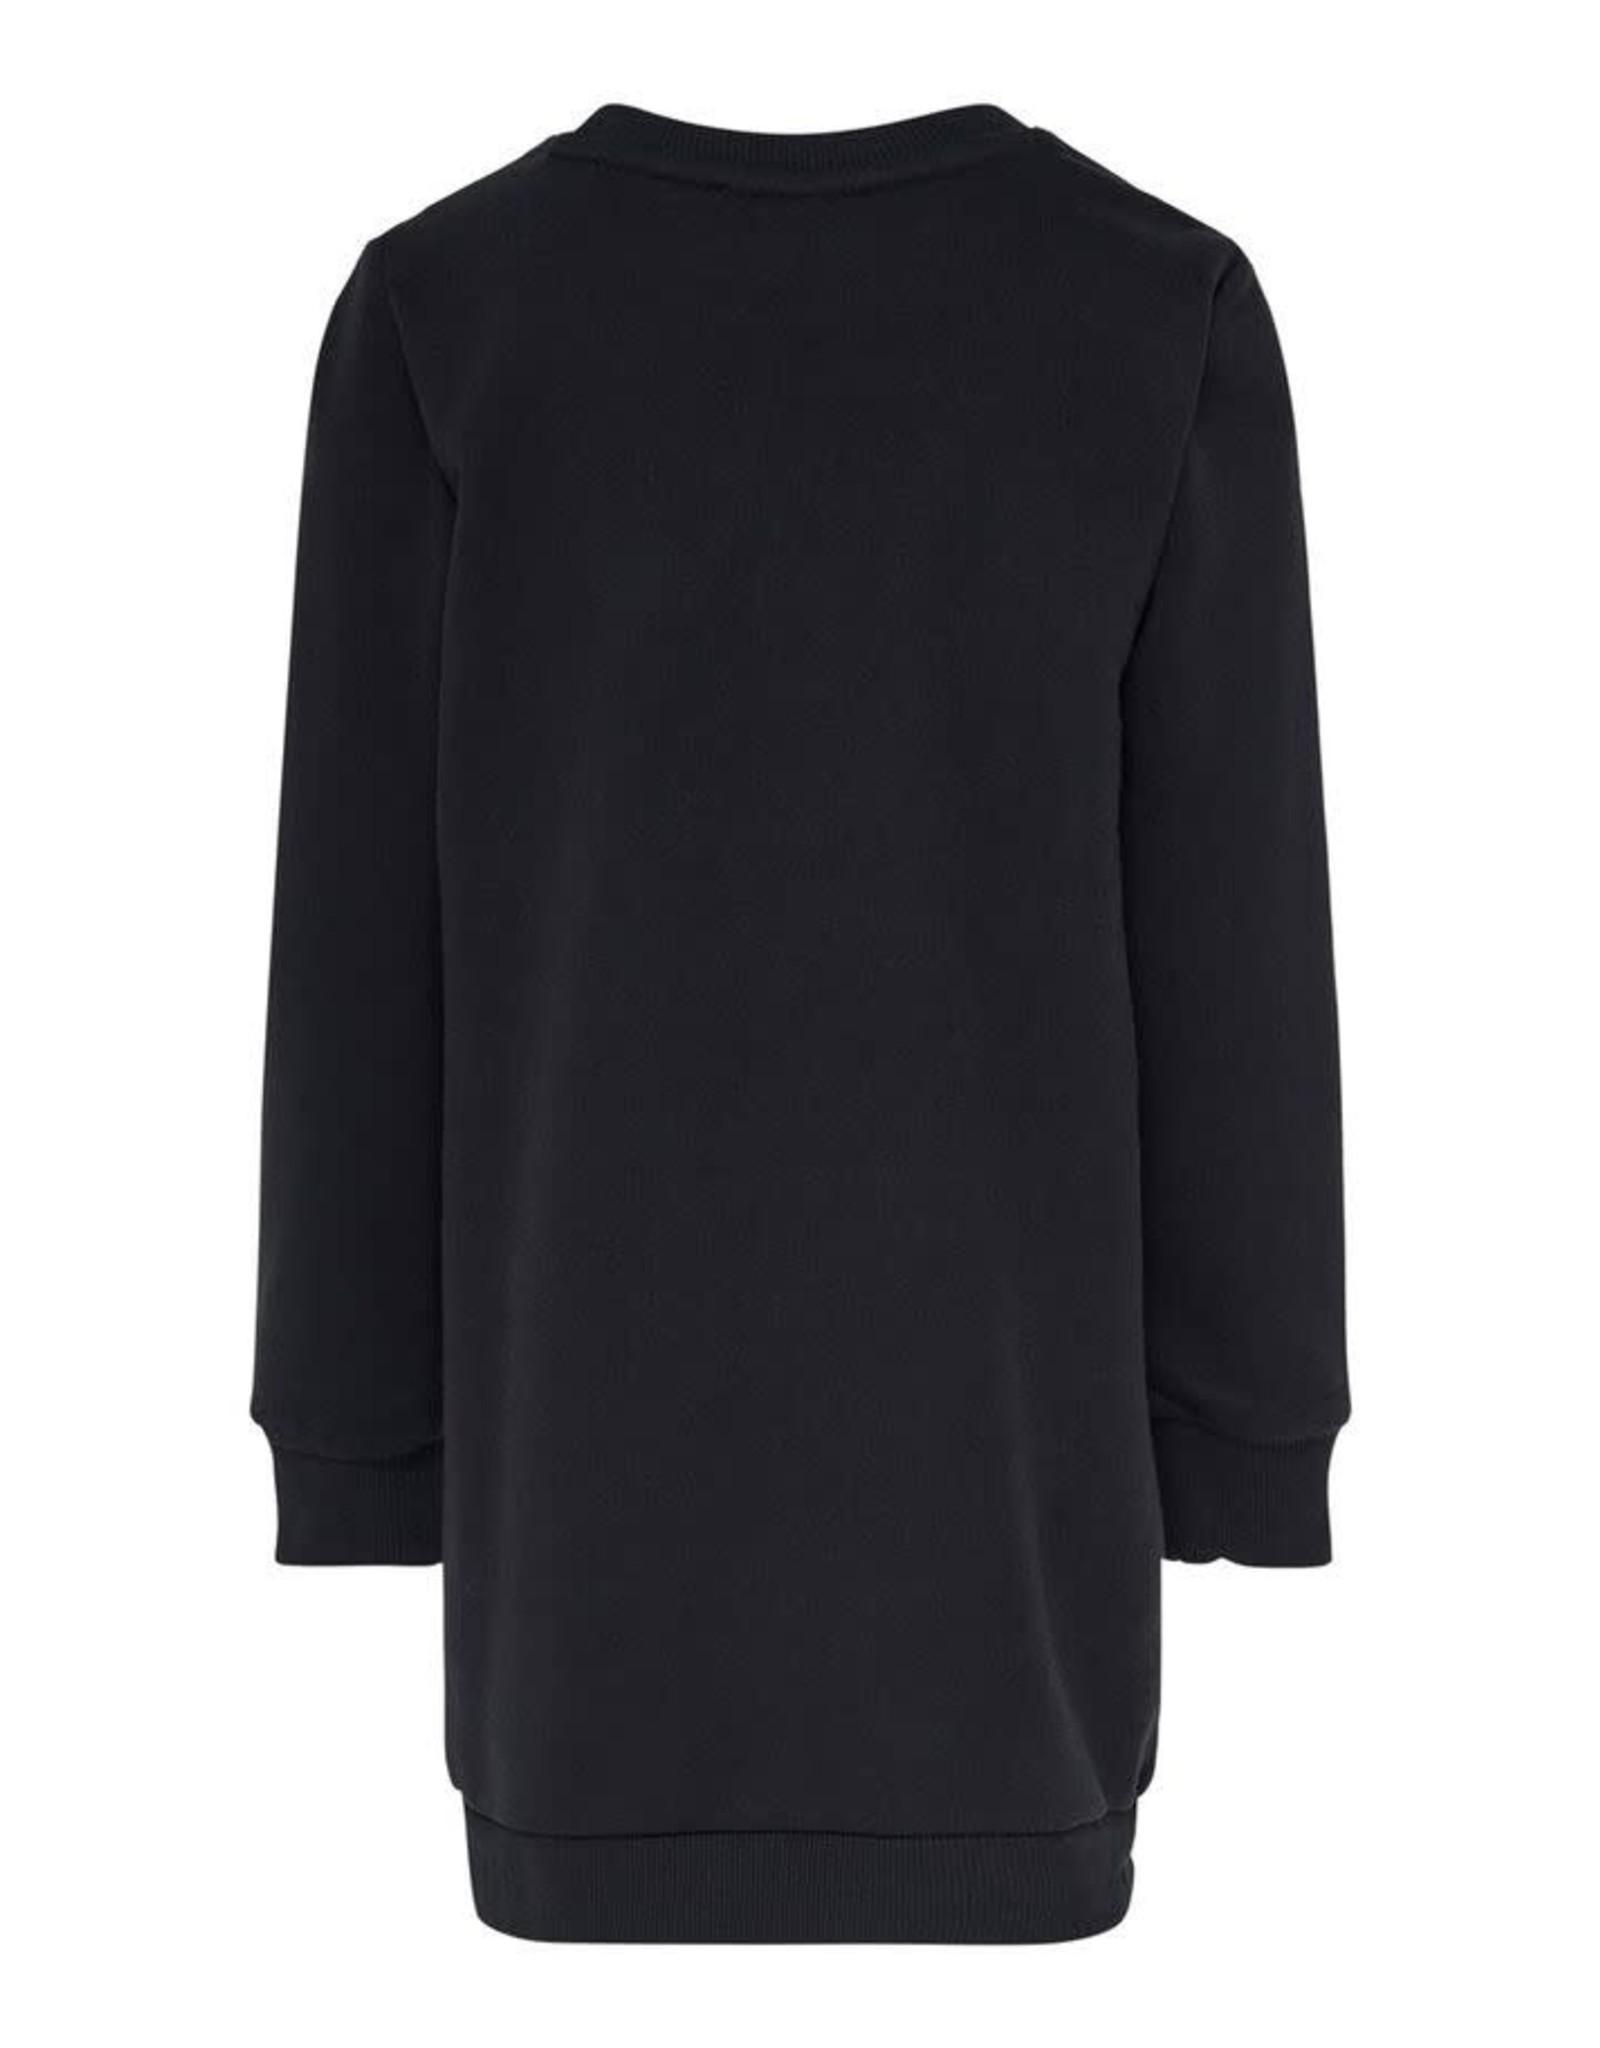 KIDS ONLY Zachte en comfortabele zwarte sweater jurk